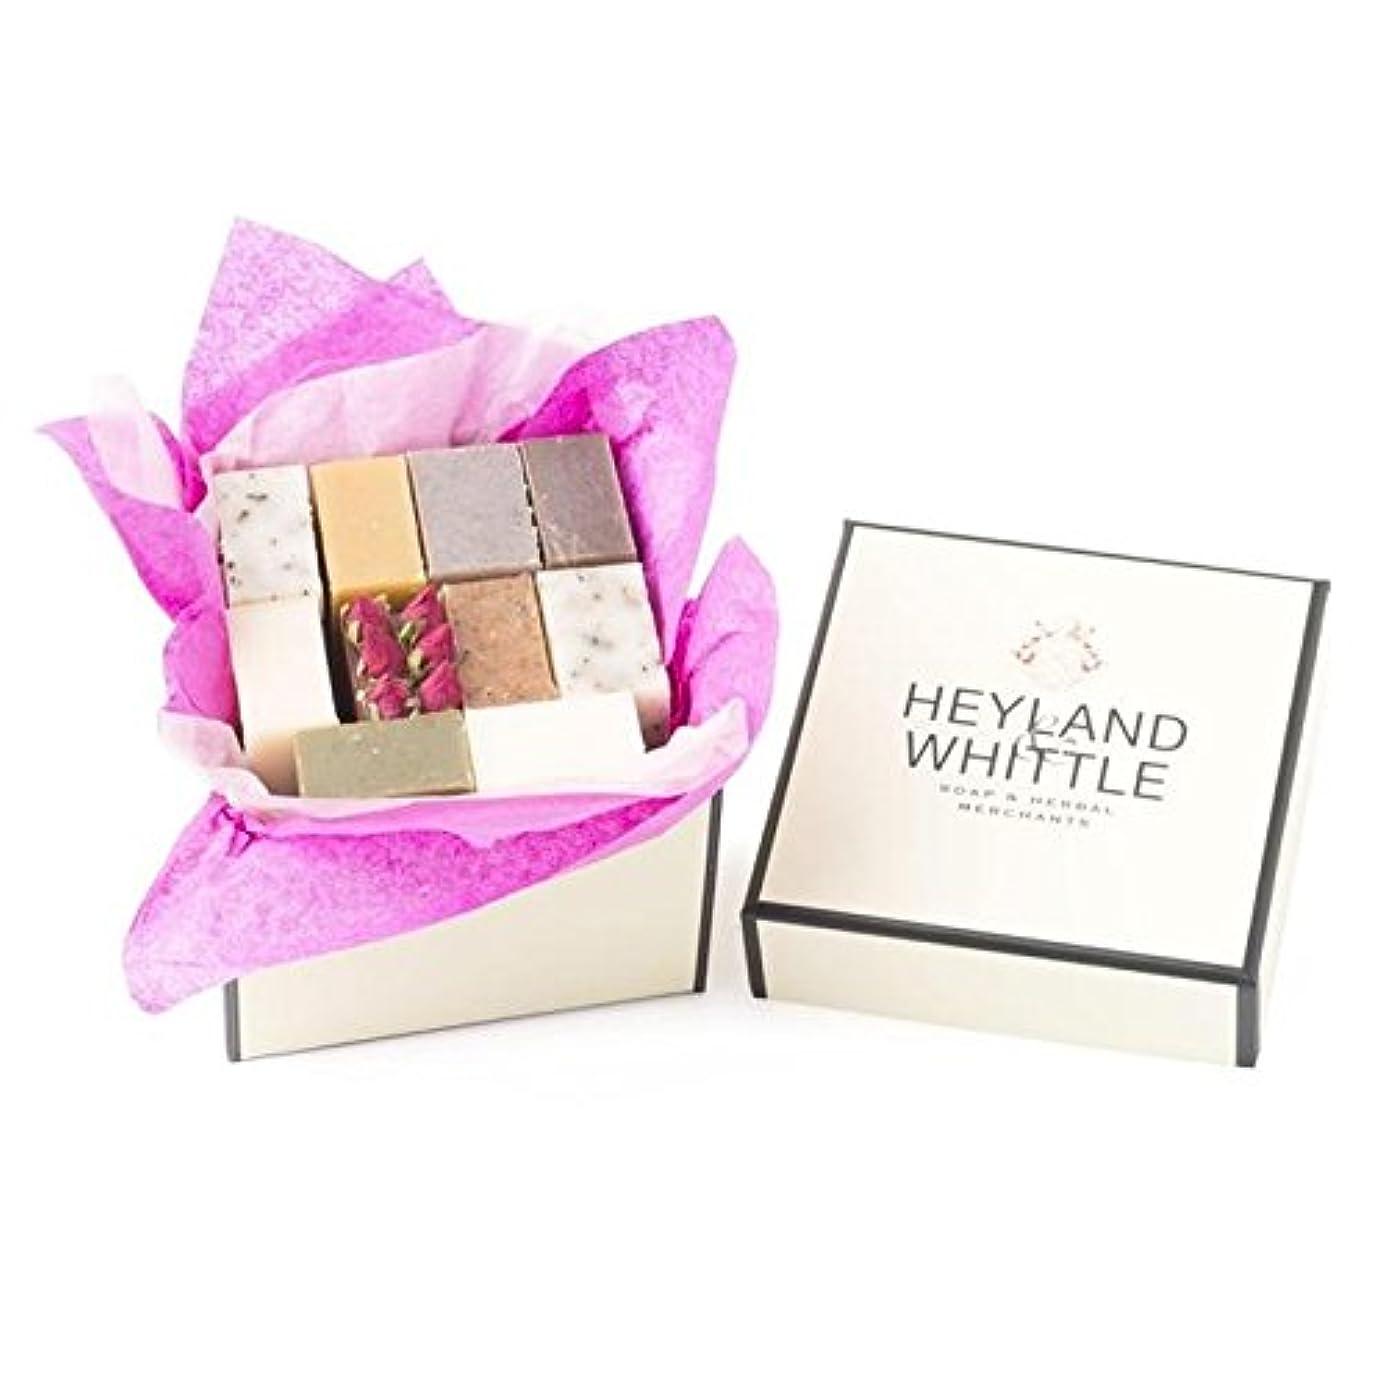 栄光シェア陰気Heyland & Whittle Soap Gift Box, Small (Pack of 6) - 小さな&削るソープギフトボックス、 x6 [並行輸入品]